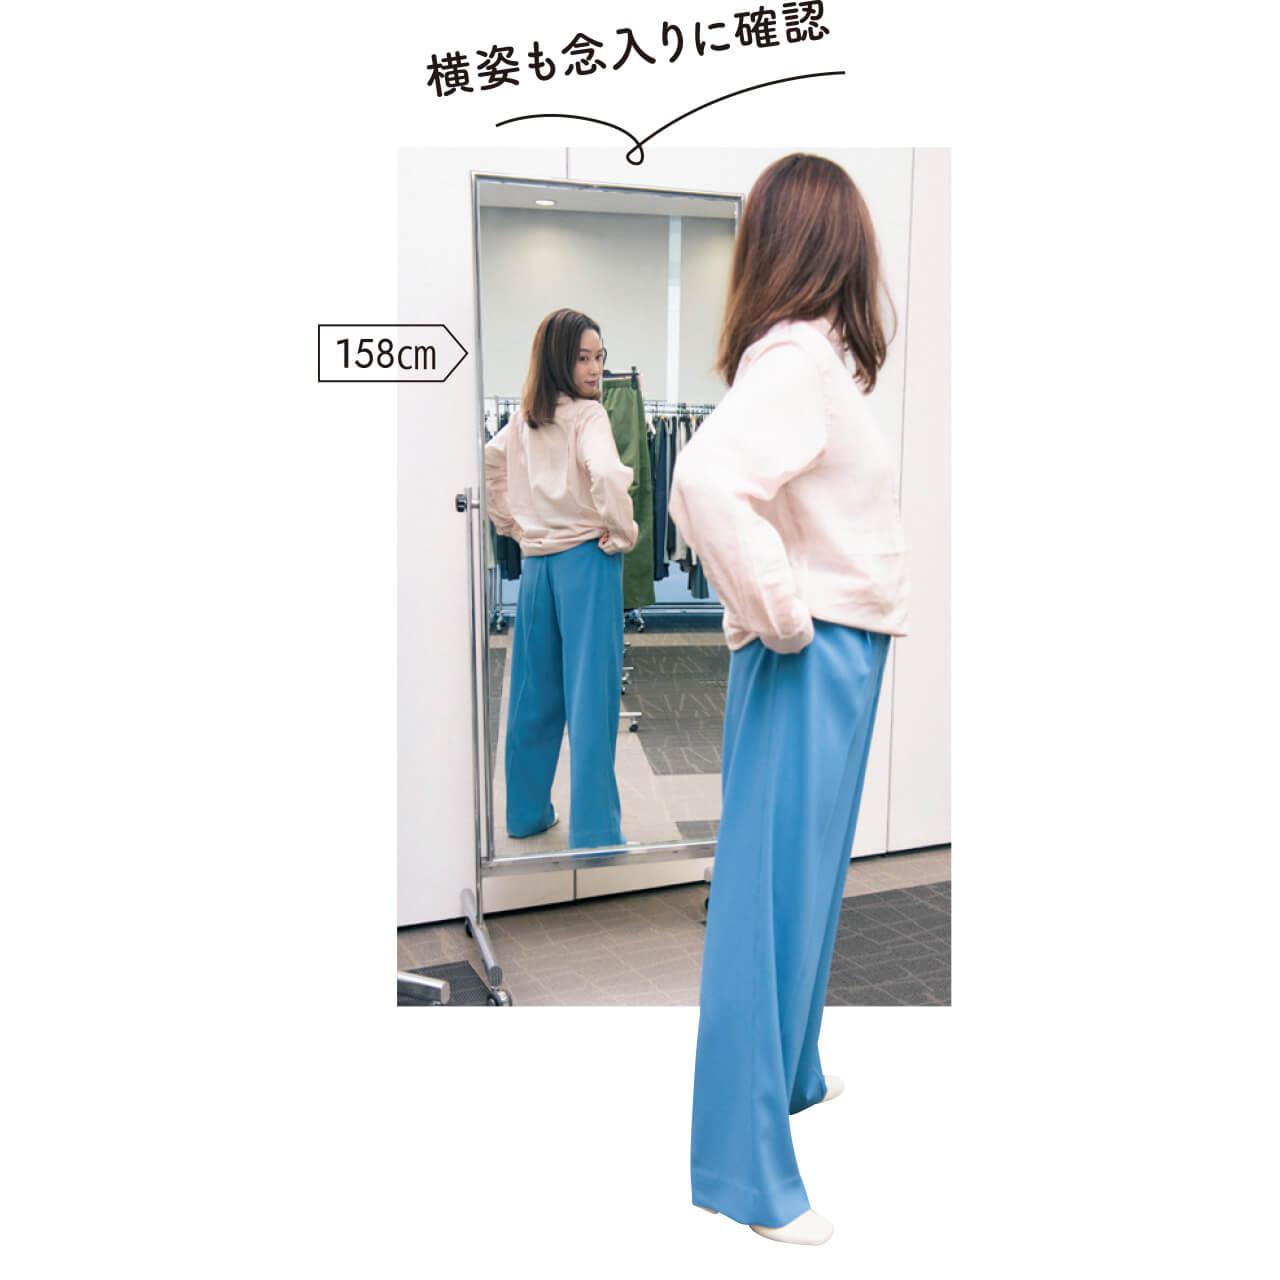 Editionの「ジョーゼットタックパンツ」を試着!158cm LEEキャラクター高井さん「横姿も念入りに確認」